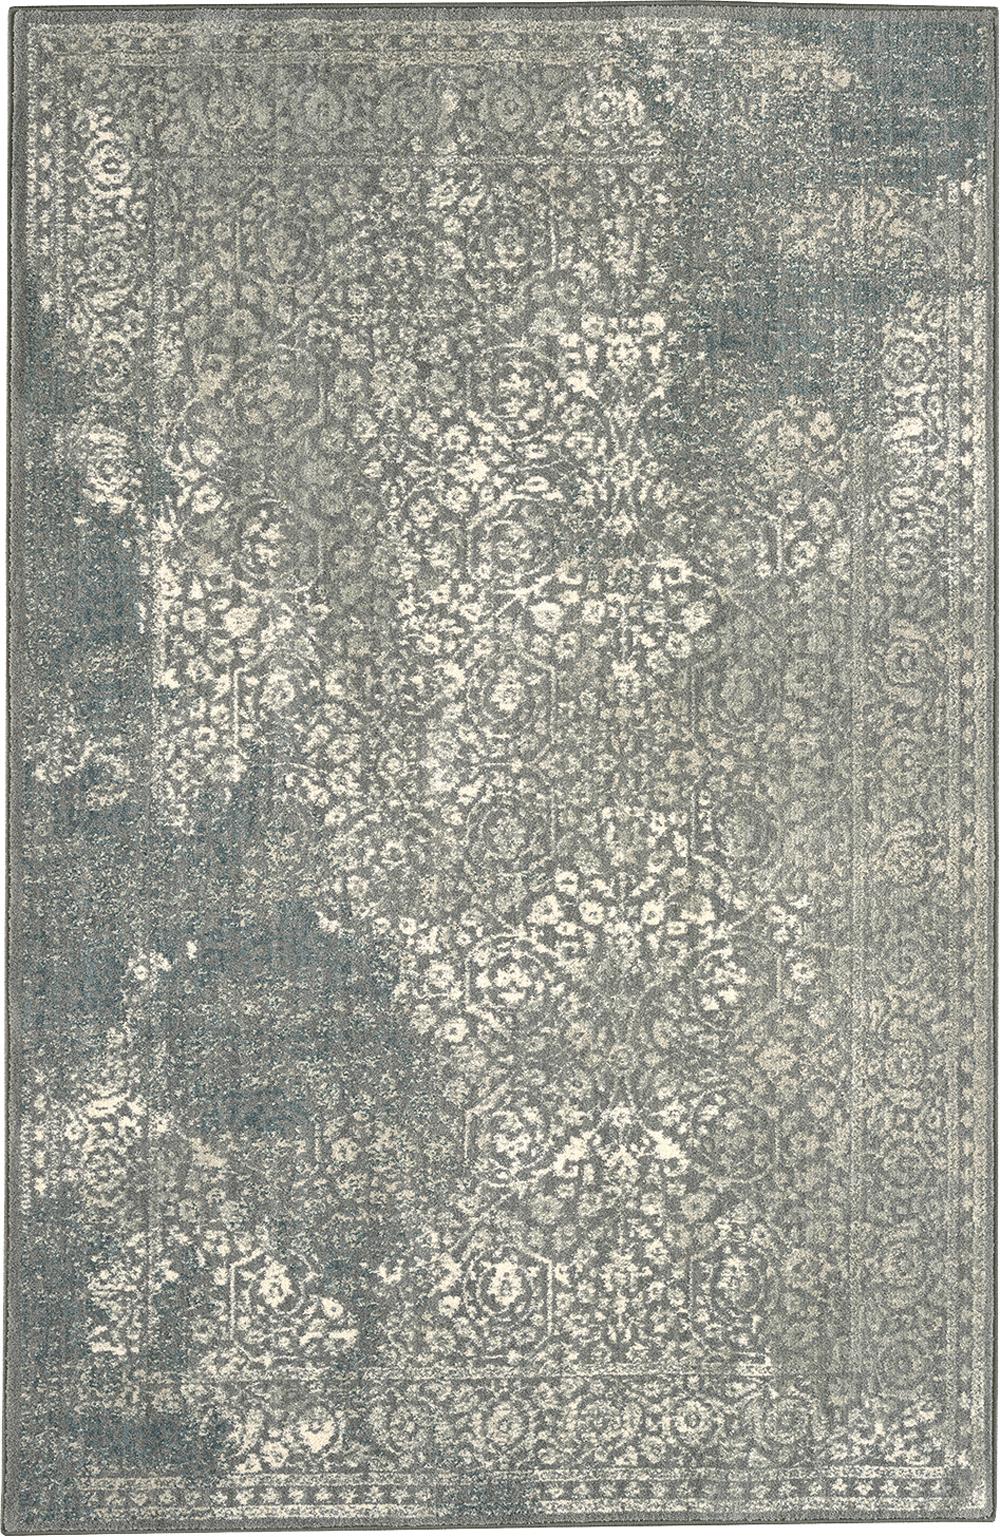 Karastan Euphoria Ayr Willow Grey Elephant Skin Rug